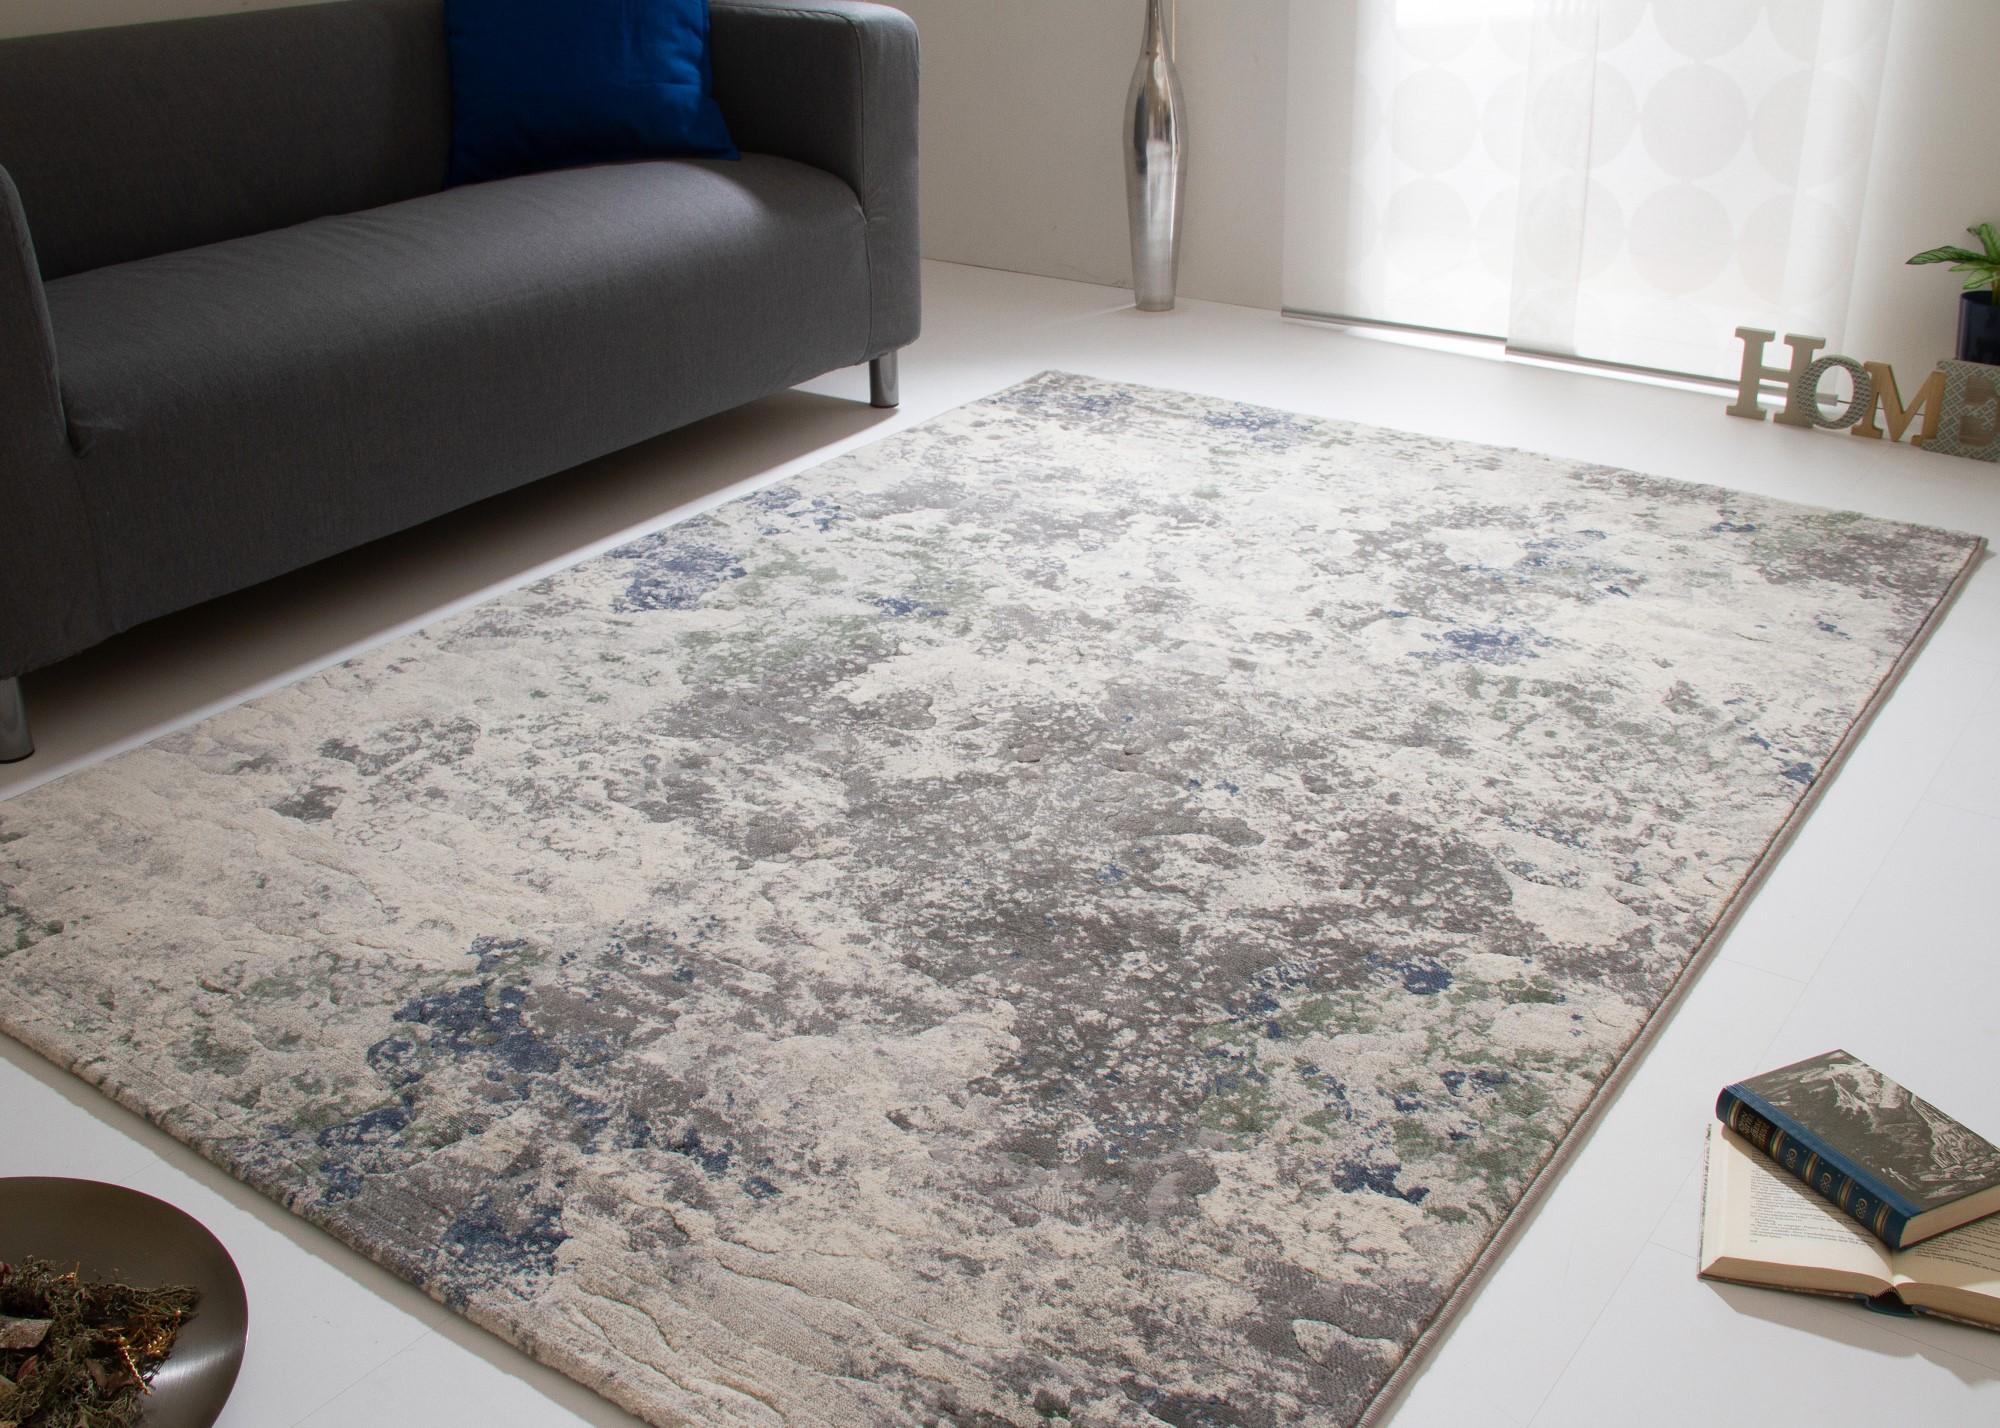 Teppich Galerie Wohnzimmer Schlafzimmer Teppich Harmonious Design In Beige Grau Rosa Blau Grun Wohnraum Teppiche Teppichboden Esscopipe Com